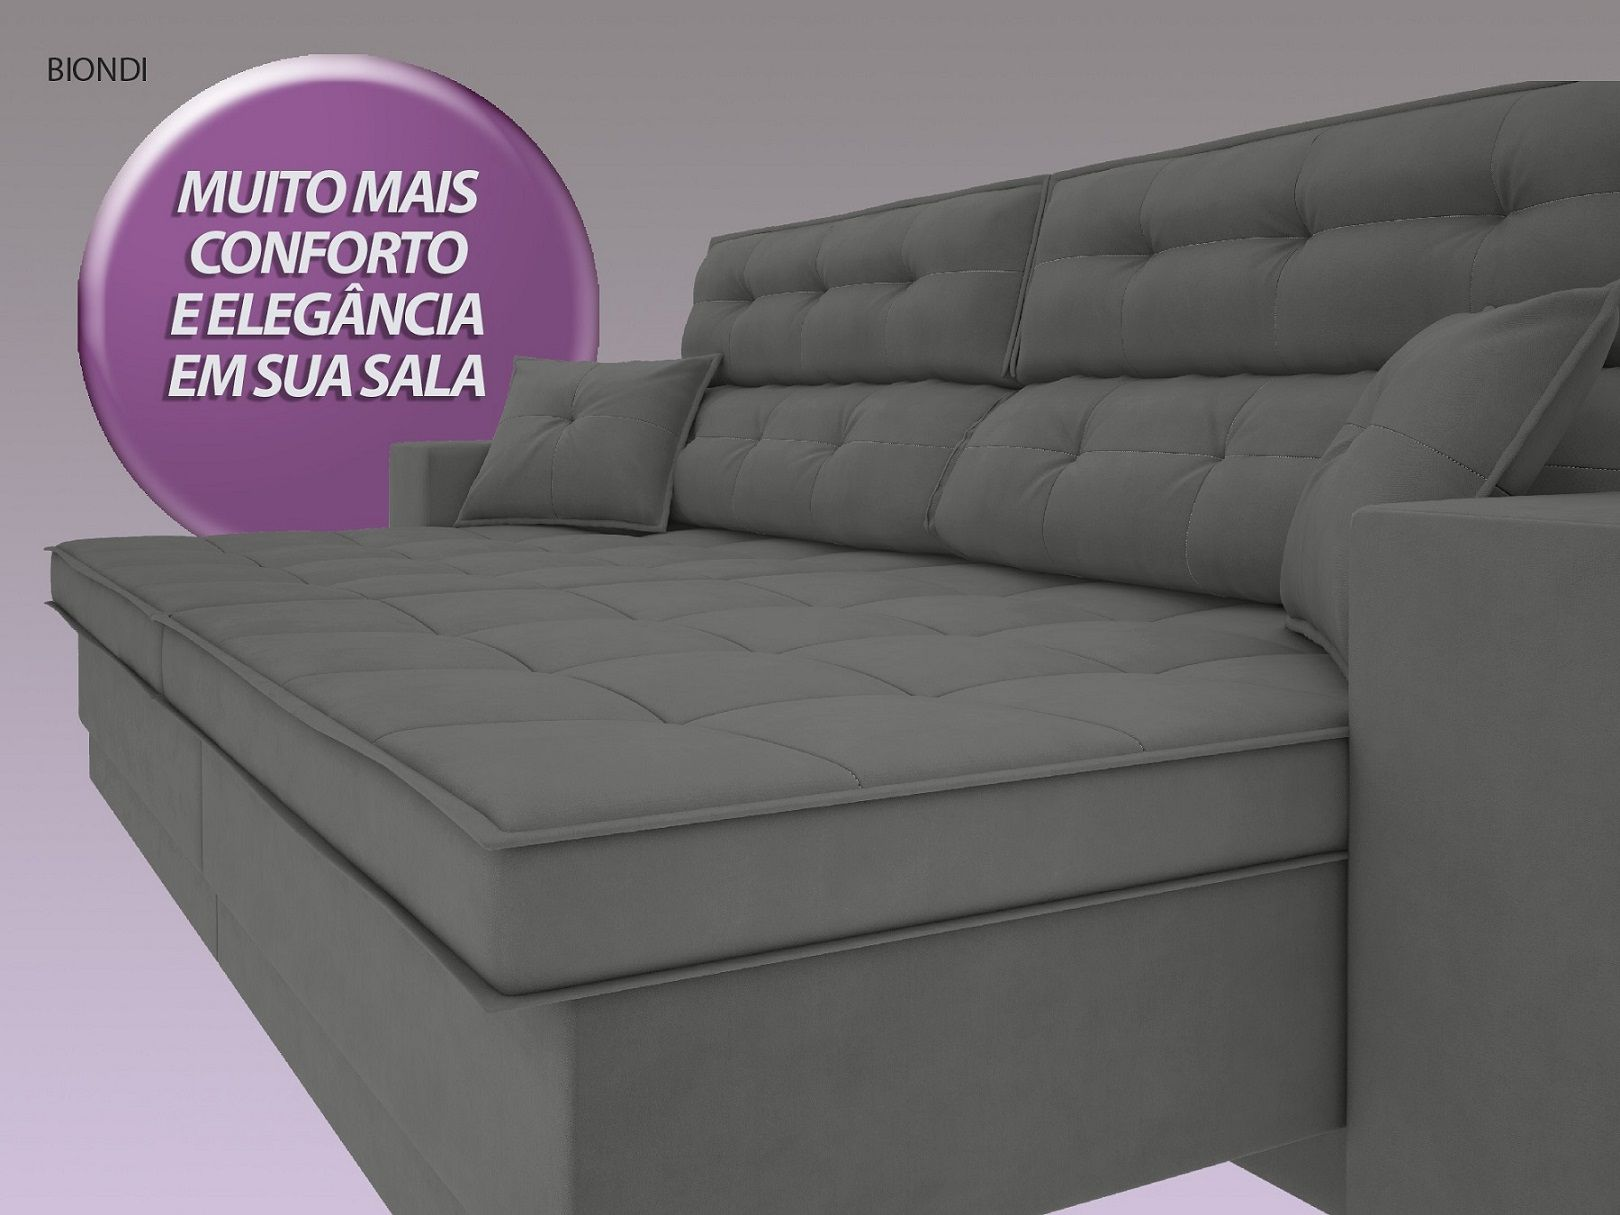 Sofá New Biondi 2,70m Retrátil e Reclinável Velosuede Grafite - NETSOFAS